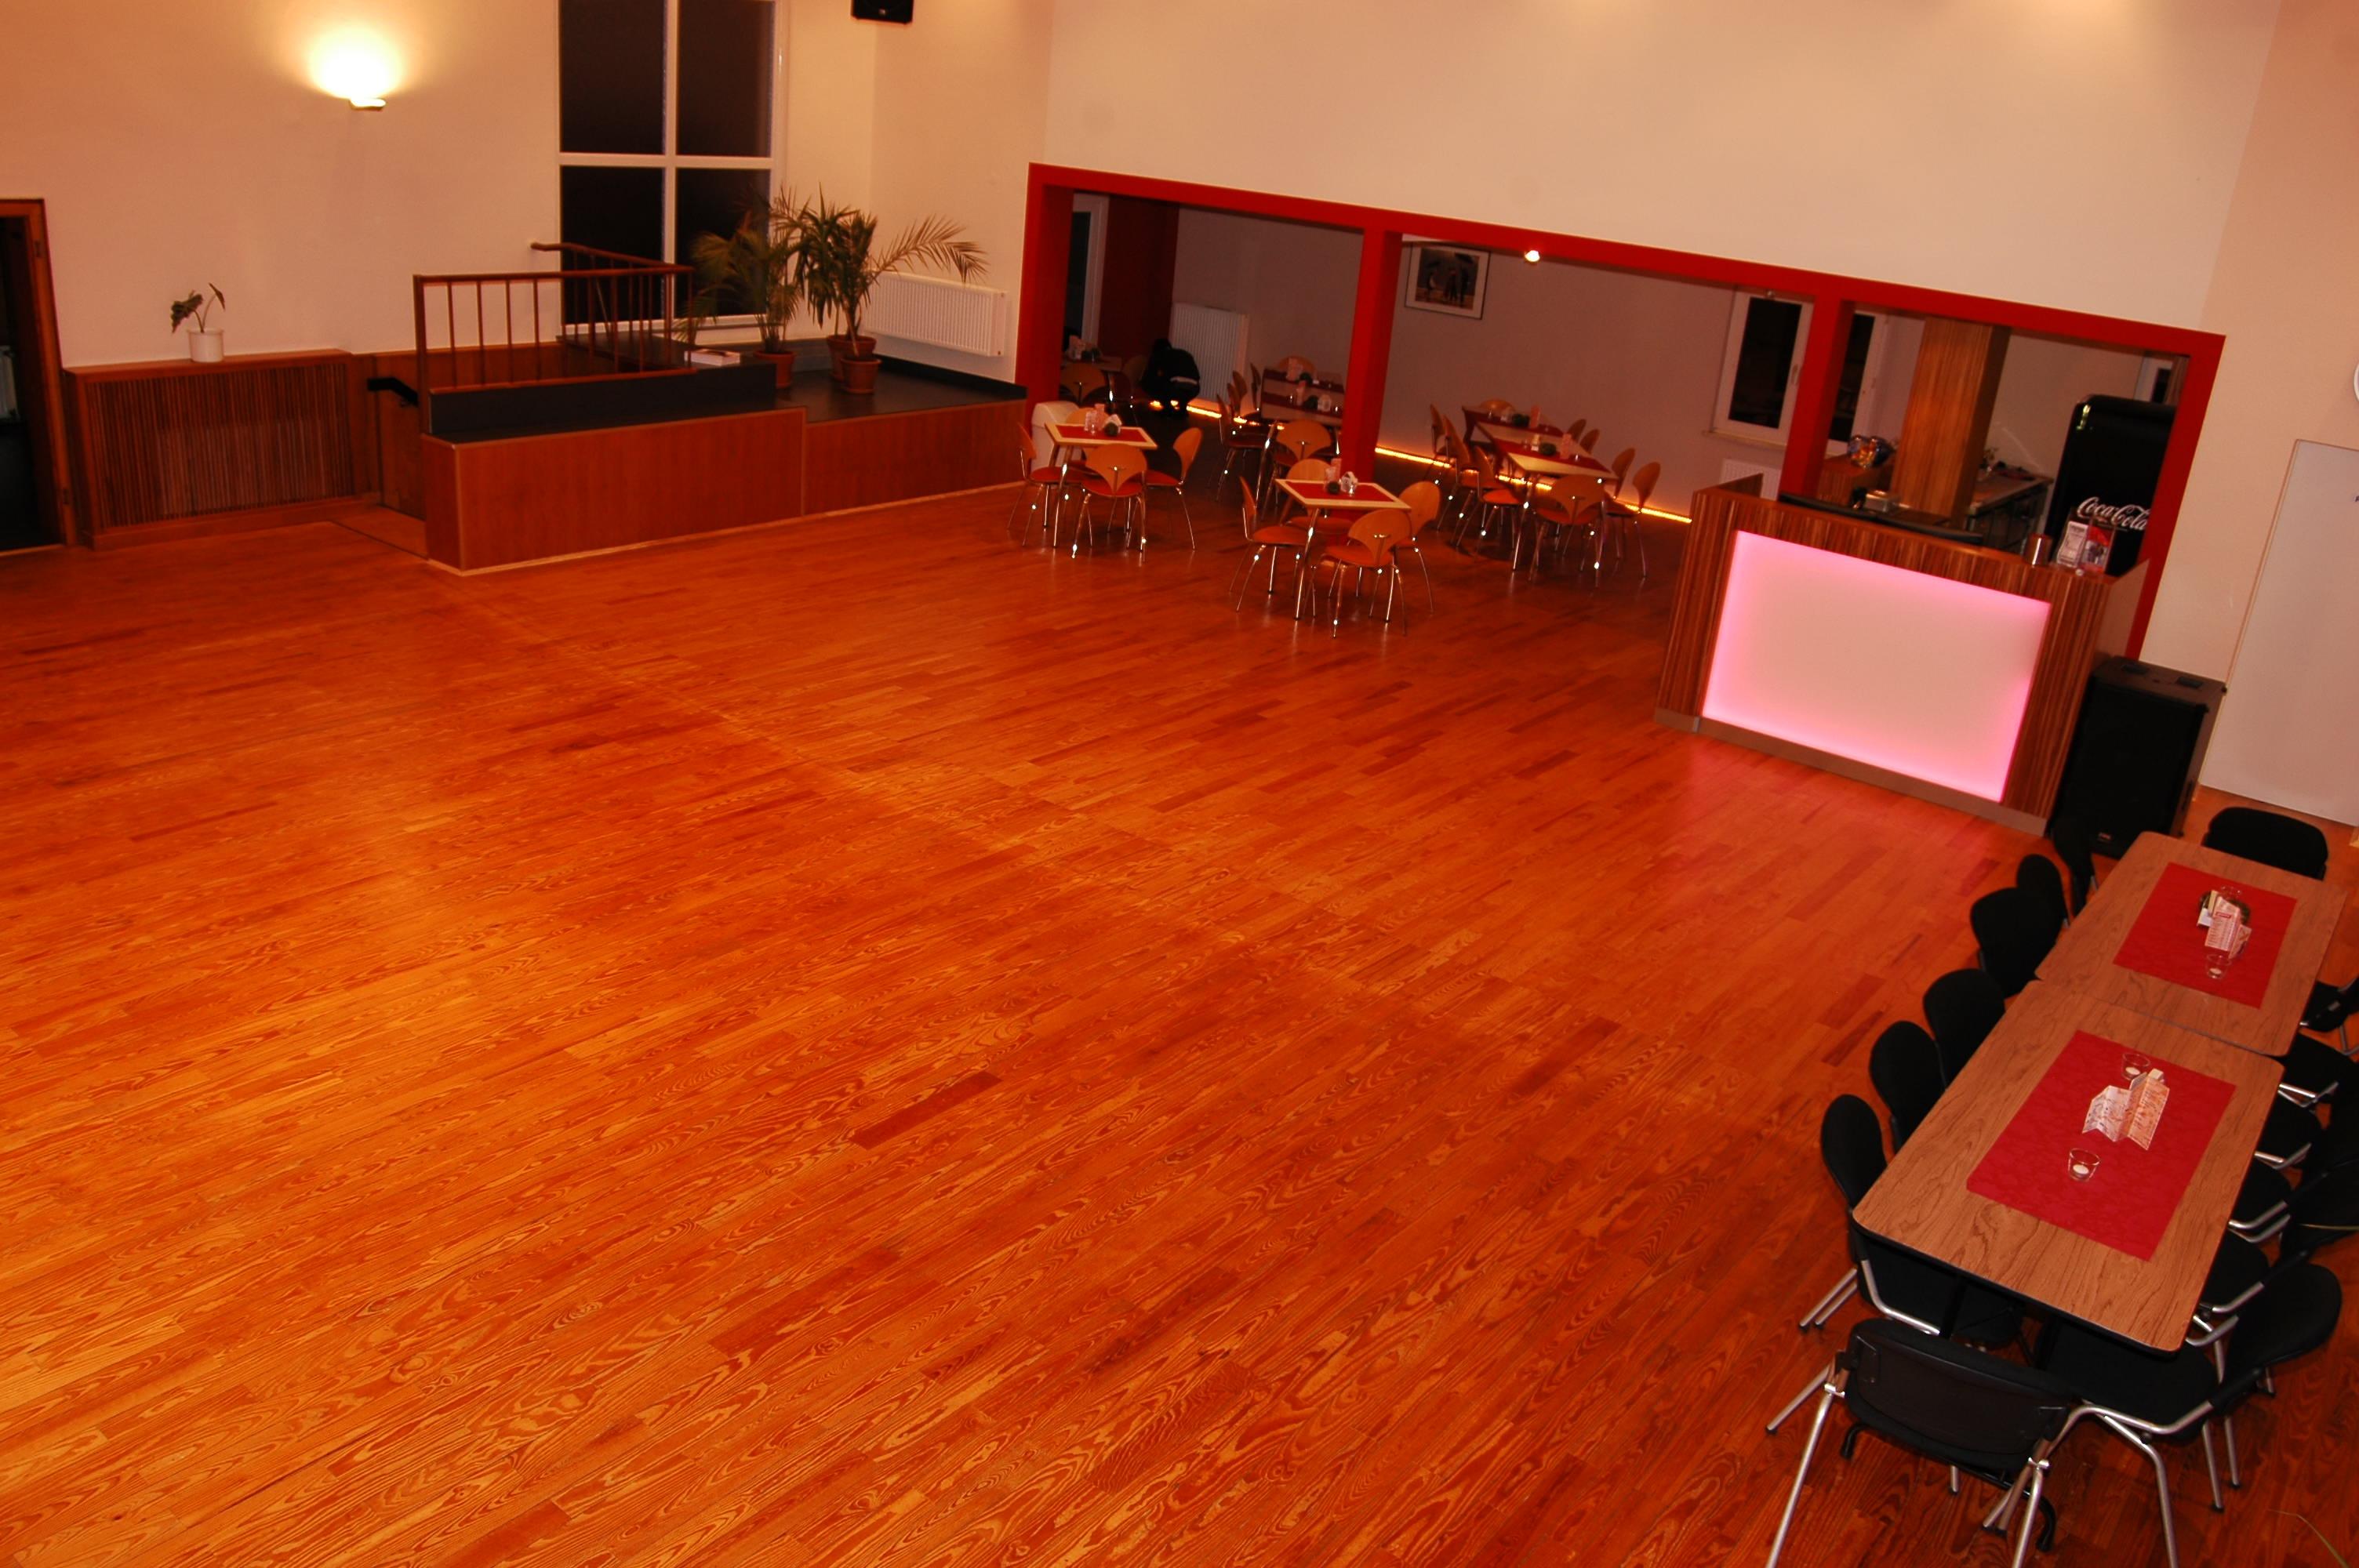 Blick aus dem grossen Tanzsaal in den Gastrobereich